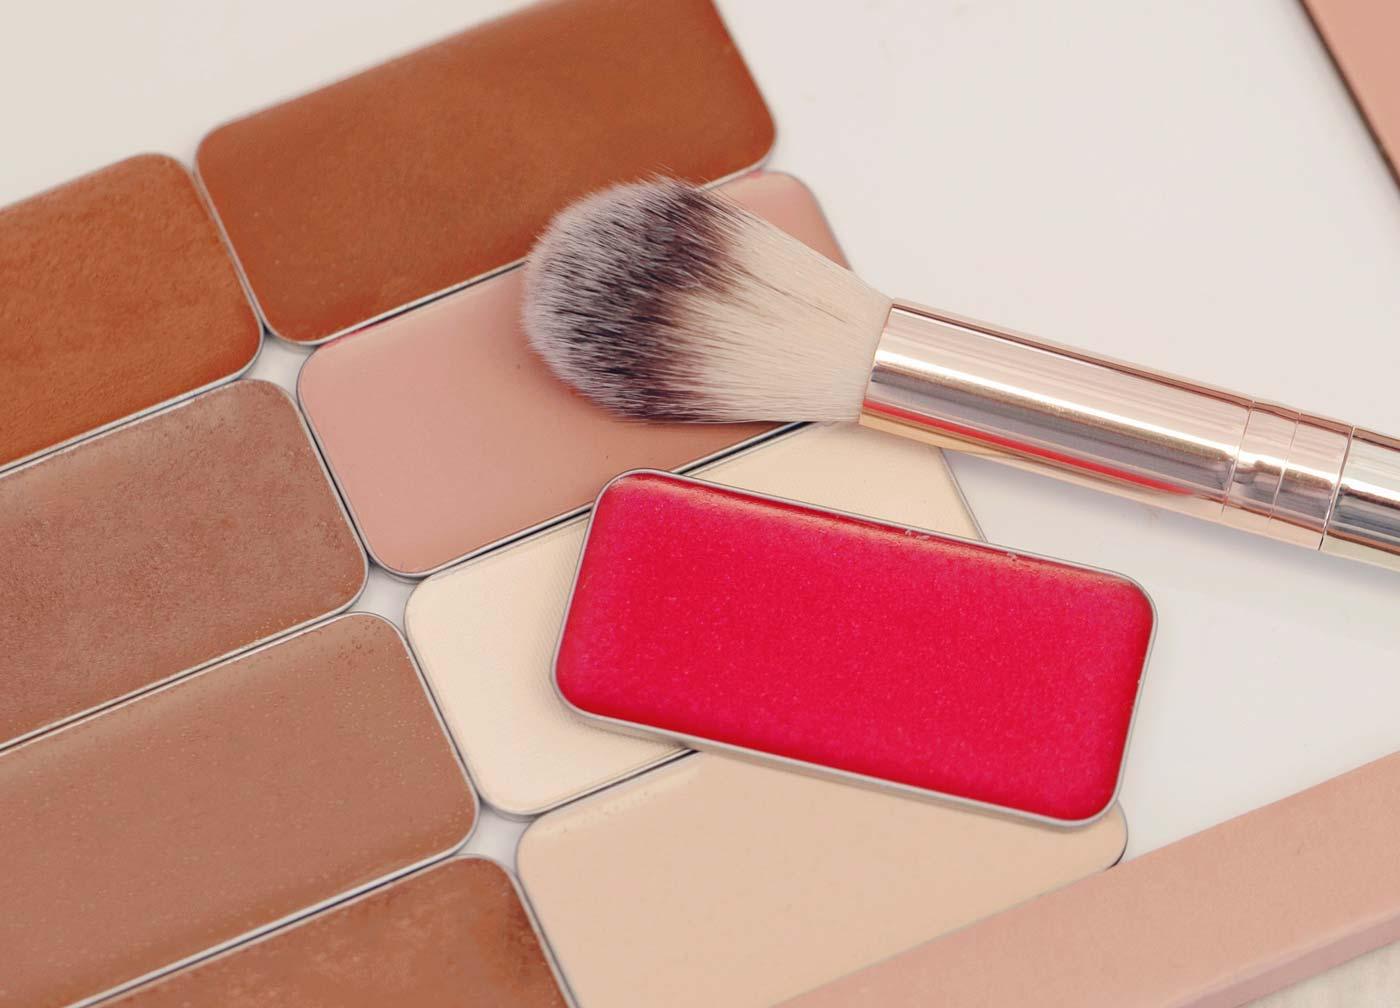 Maskcara makeup products